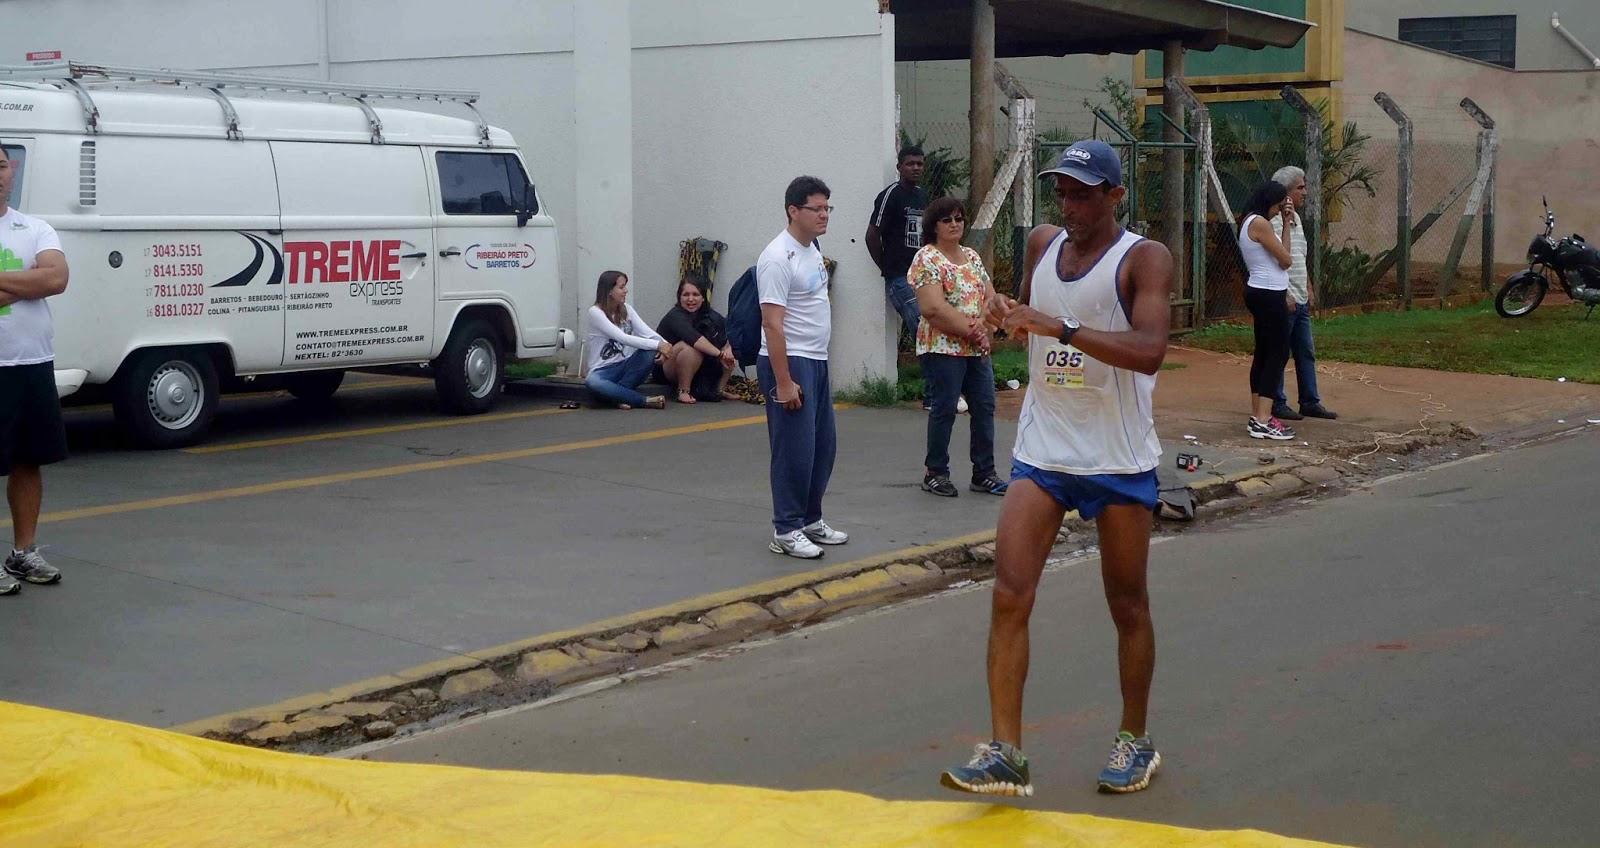 Foto 55 da 1ª Corrida Av. dos Coqueiros em Barretos-SP 14/04/2013 – Atletas cruzando a linha de chegada